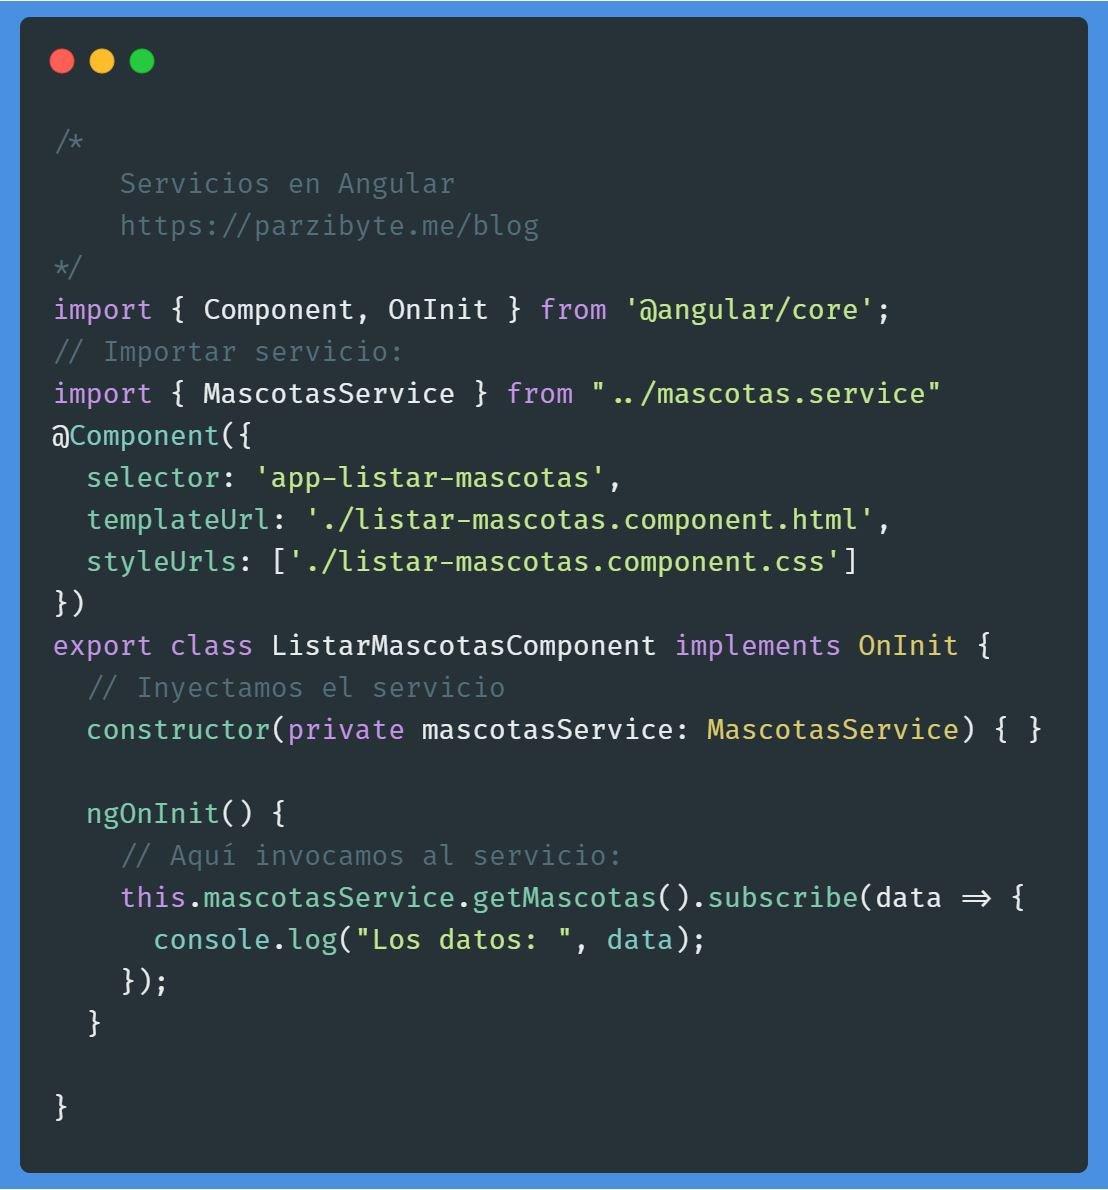 Servicios en Angular - Ejemplo